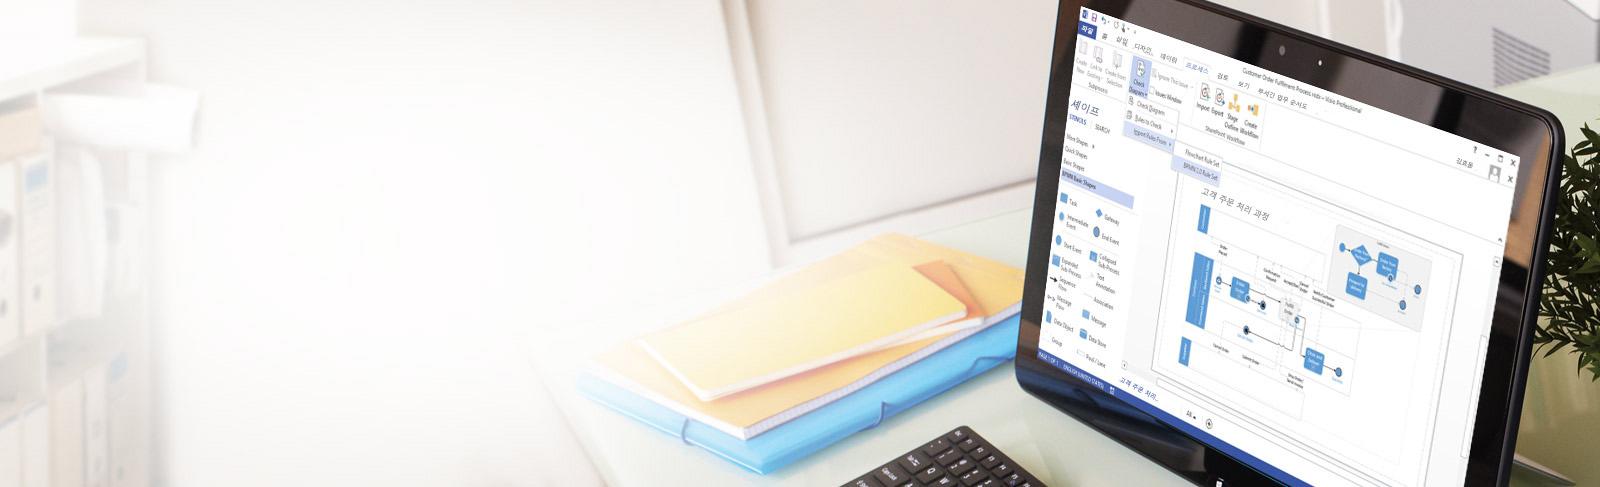 편집 리본 메뉴 및 창과 함께 Visio 다이어그램을 보여 주는 탁자 위에 놓인 태블릿 클로즈업